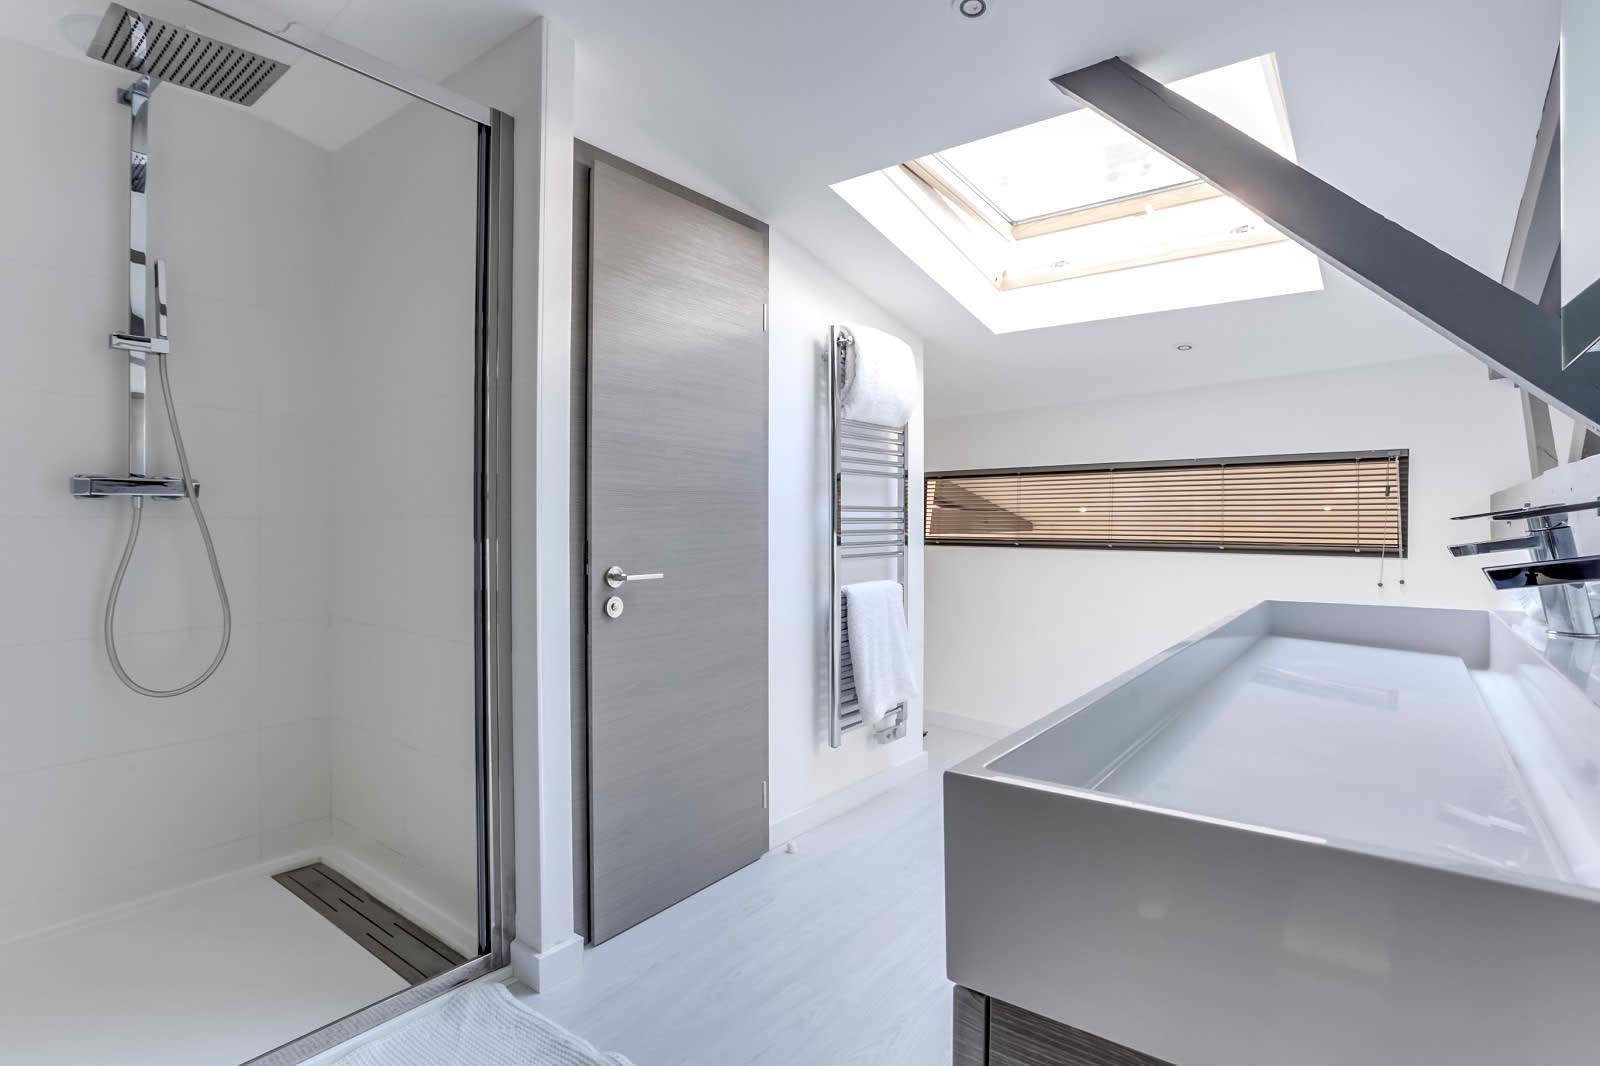 Loft moderne à vendre à Annecy avec un local à usage commercial ...